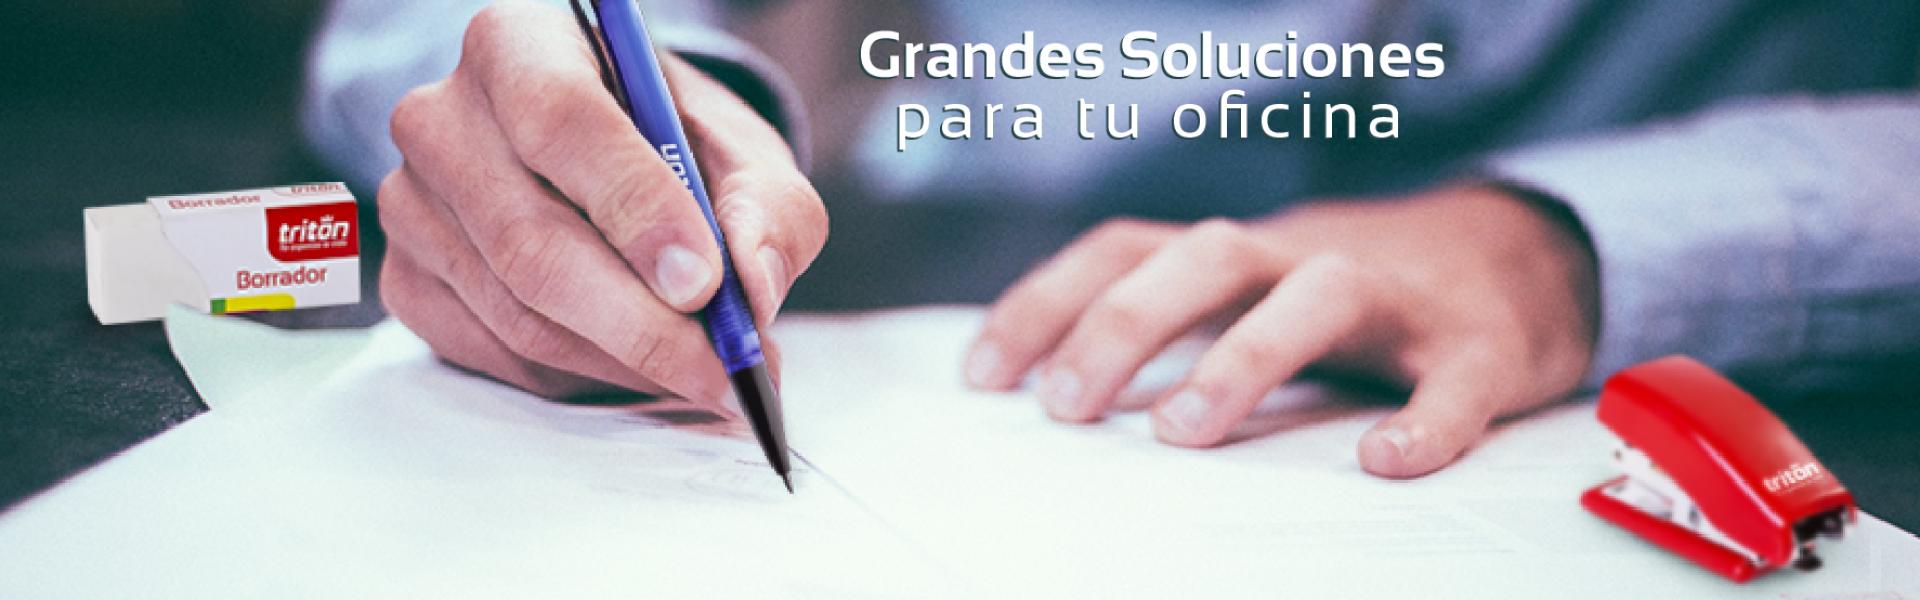 Soluciones Oficina